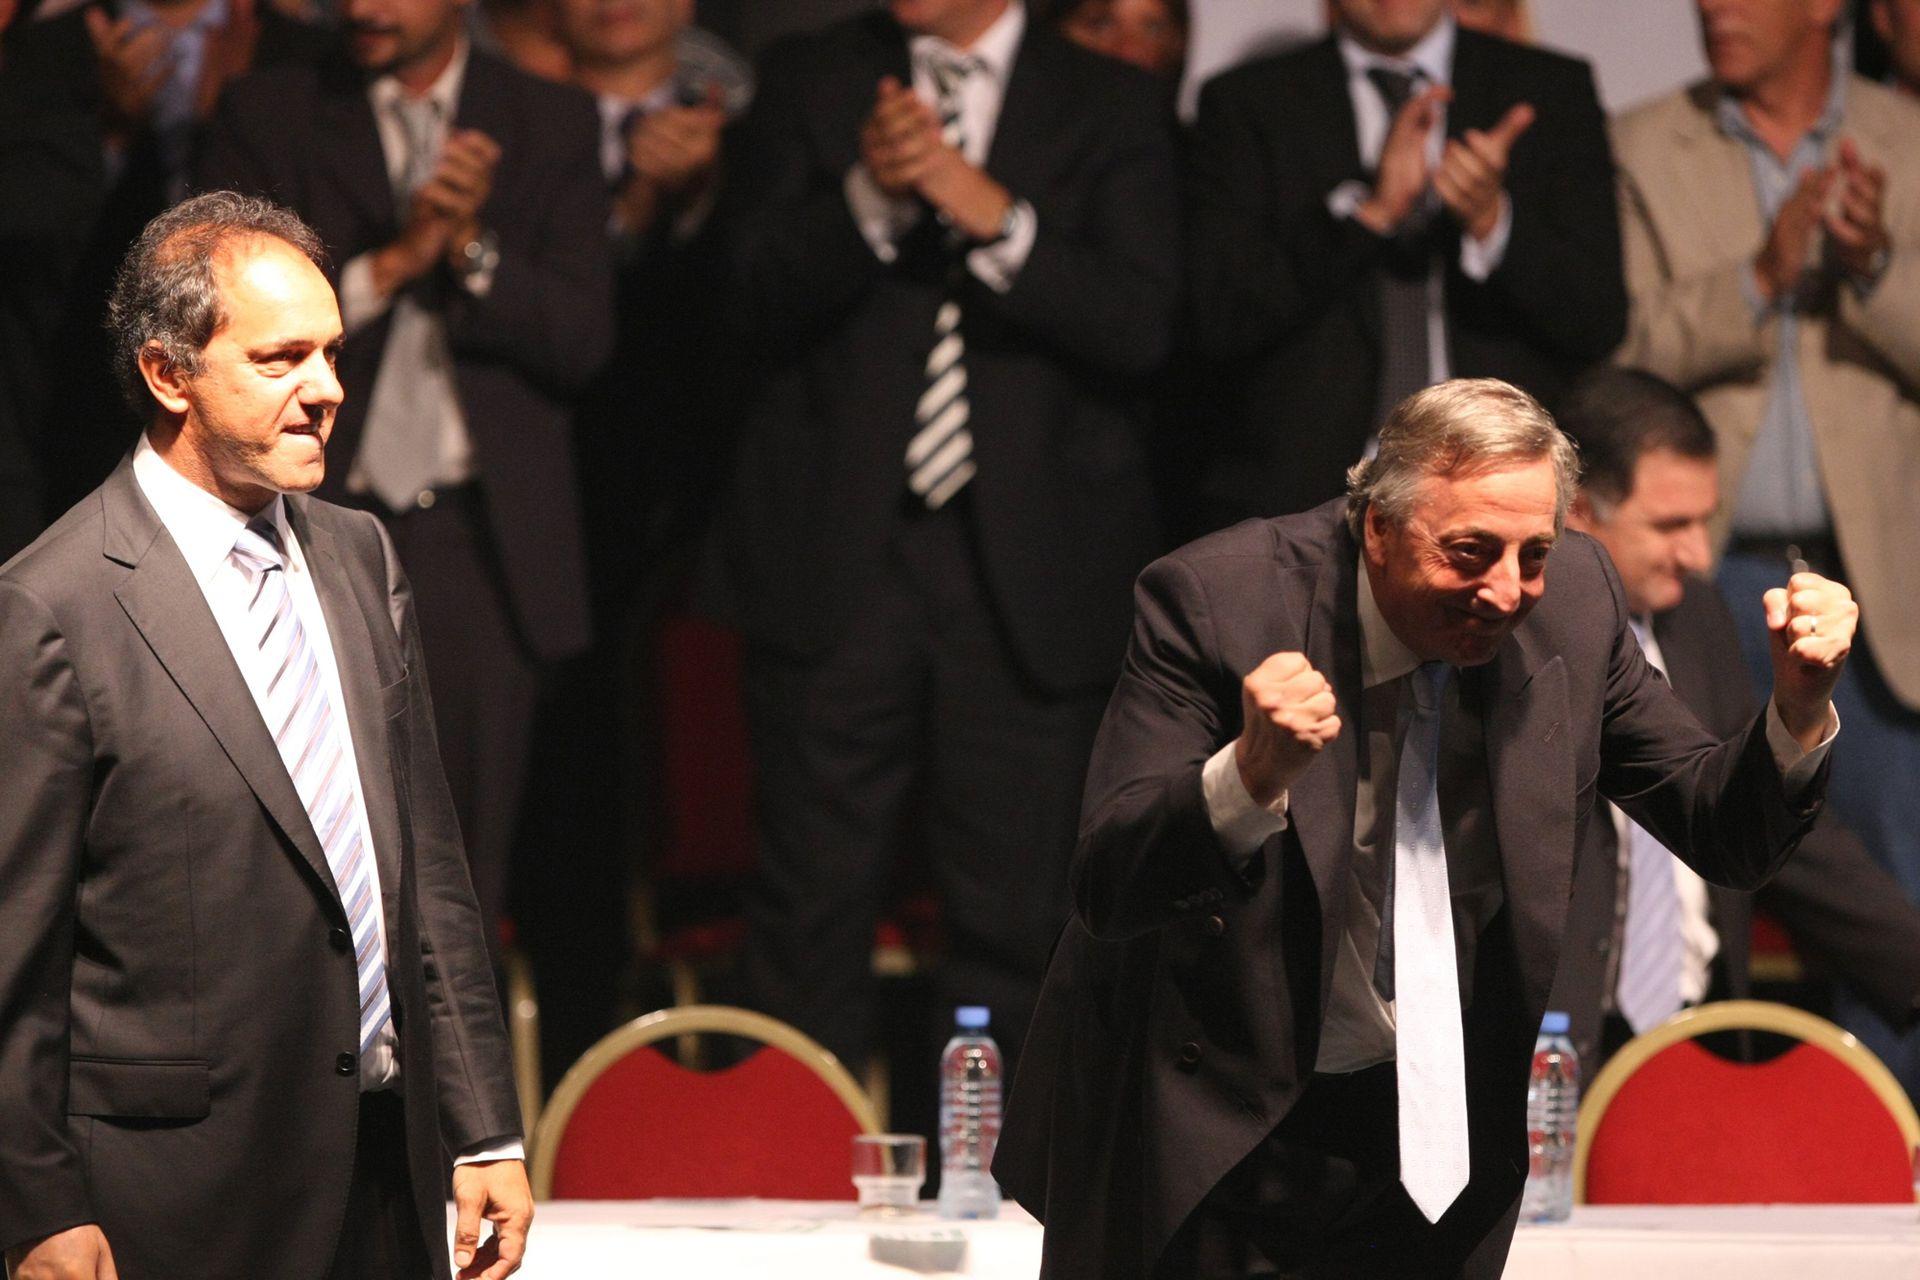 Néstor Kirchner junto a Daniel Scioli en la presentación de los candidatos a las elecciones legislativas de 2009 por el Frente para la Victoria